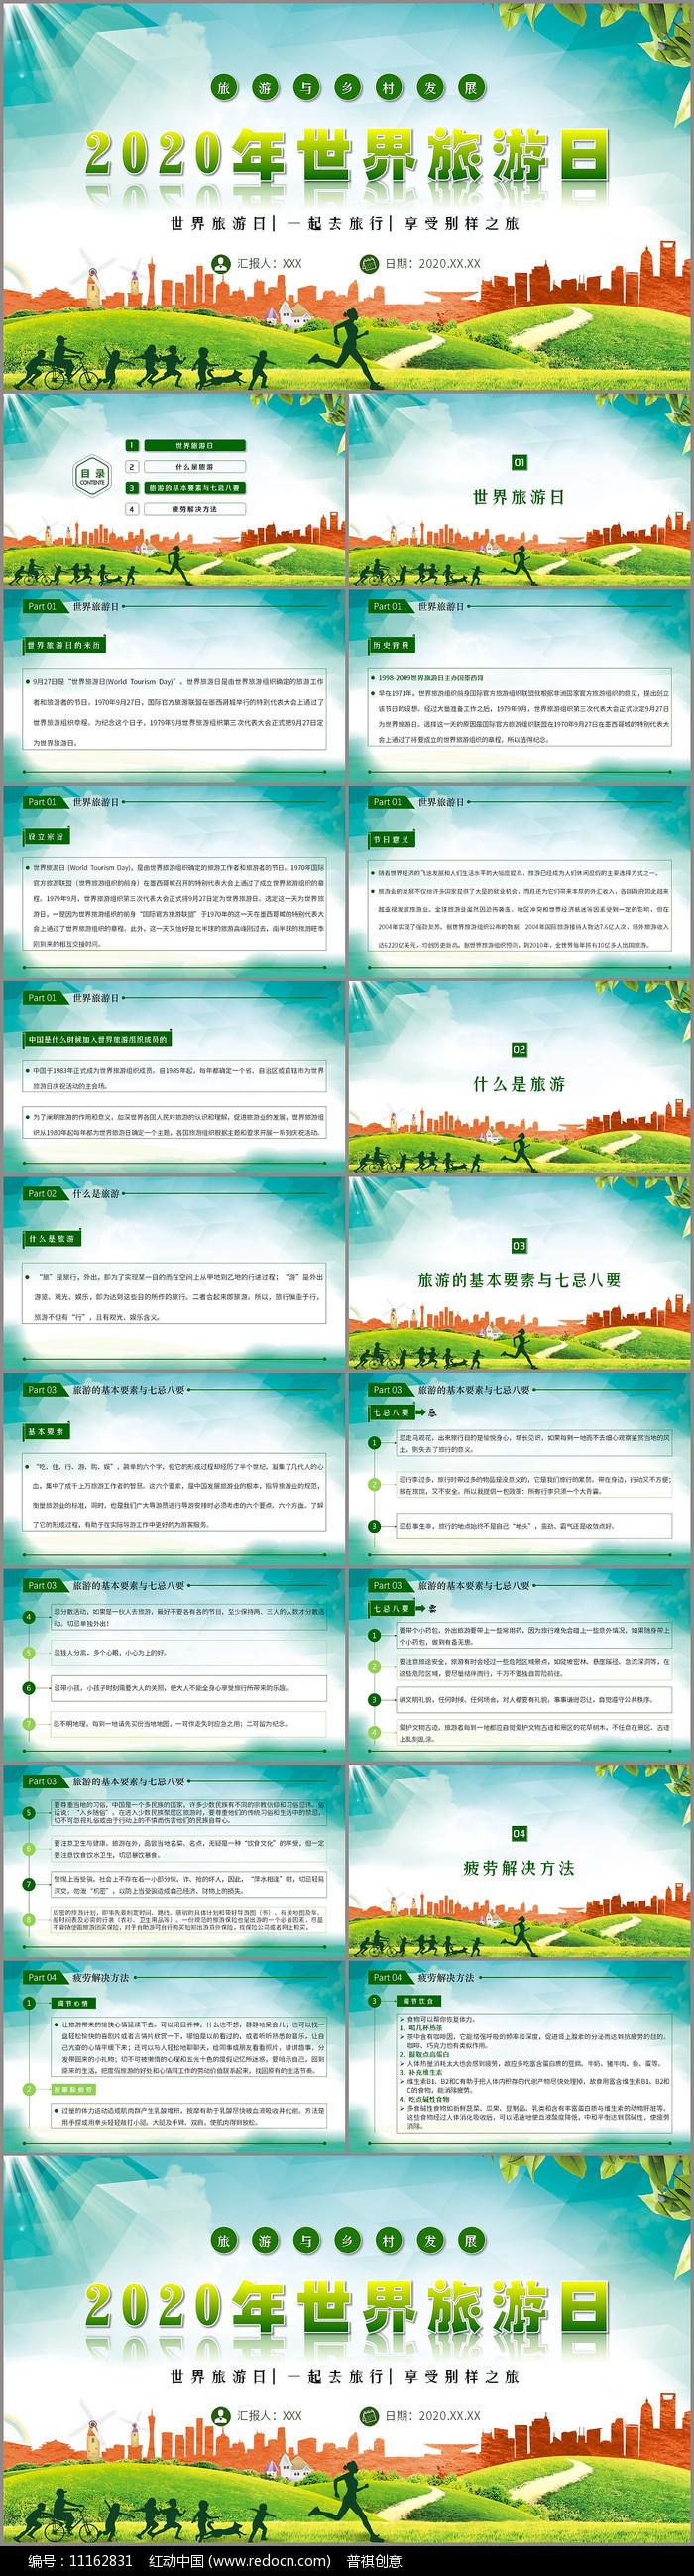 9月27日世界旅游日PPT模板